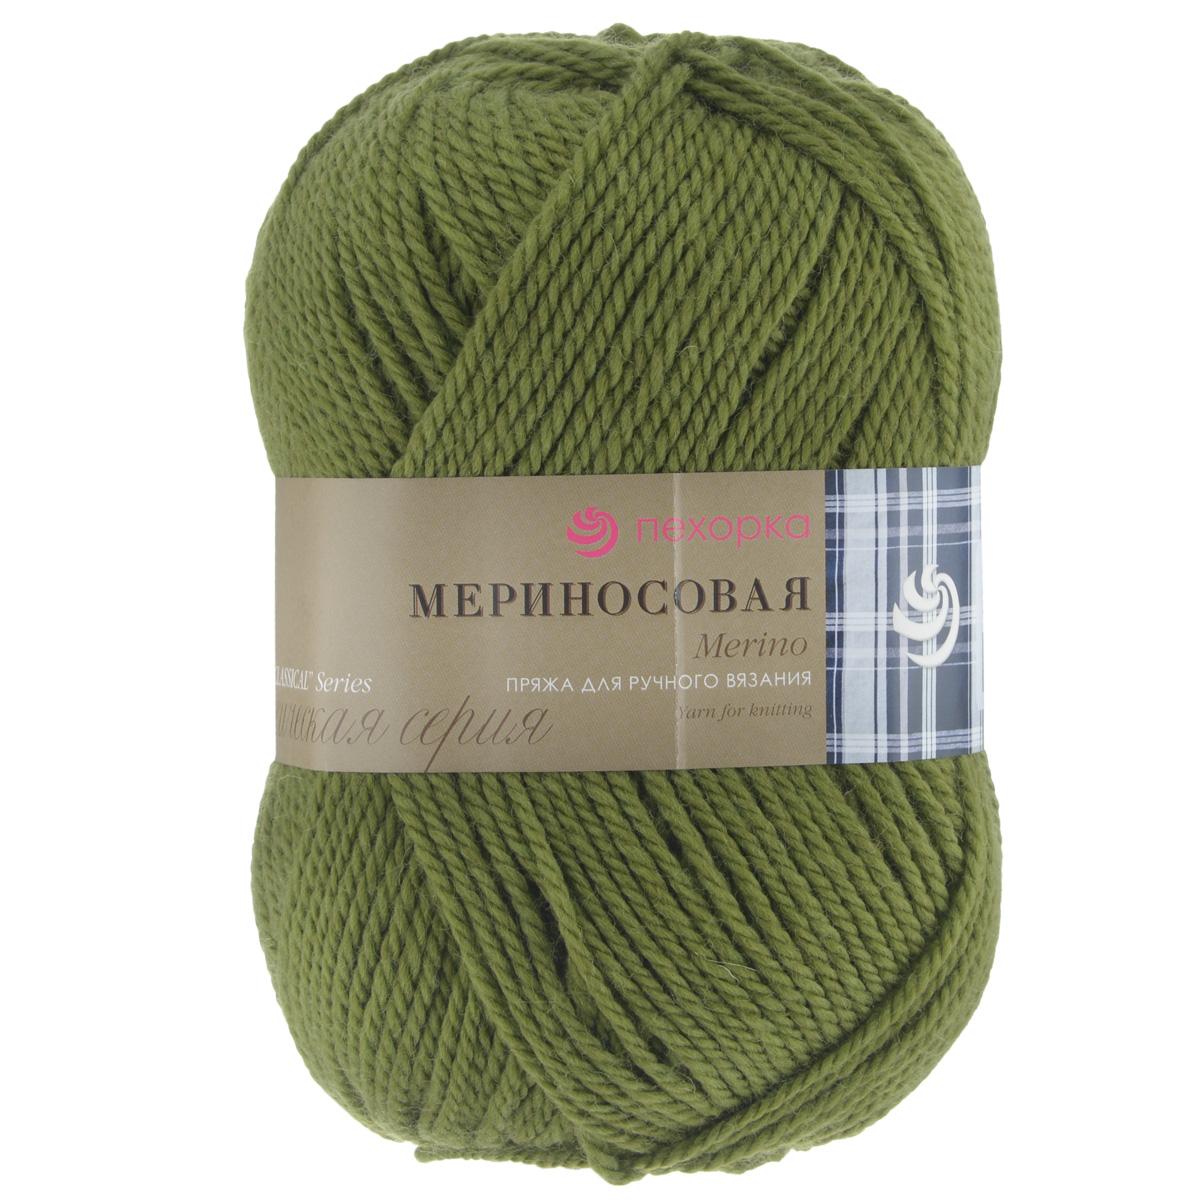 Пряжа для вязания Пехорка Мериносовая, цвет: зеленый горошек (252), 200 м, 100 г, 10 шт пряжа для вязания пехорка мериносовая цвет изумрудный 335 200 м 100 г 10 шт